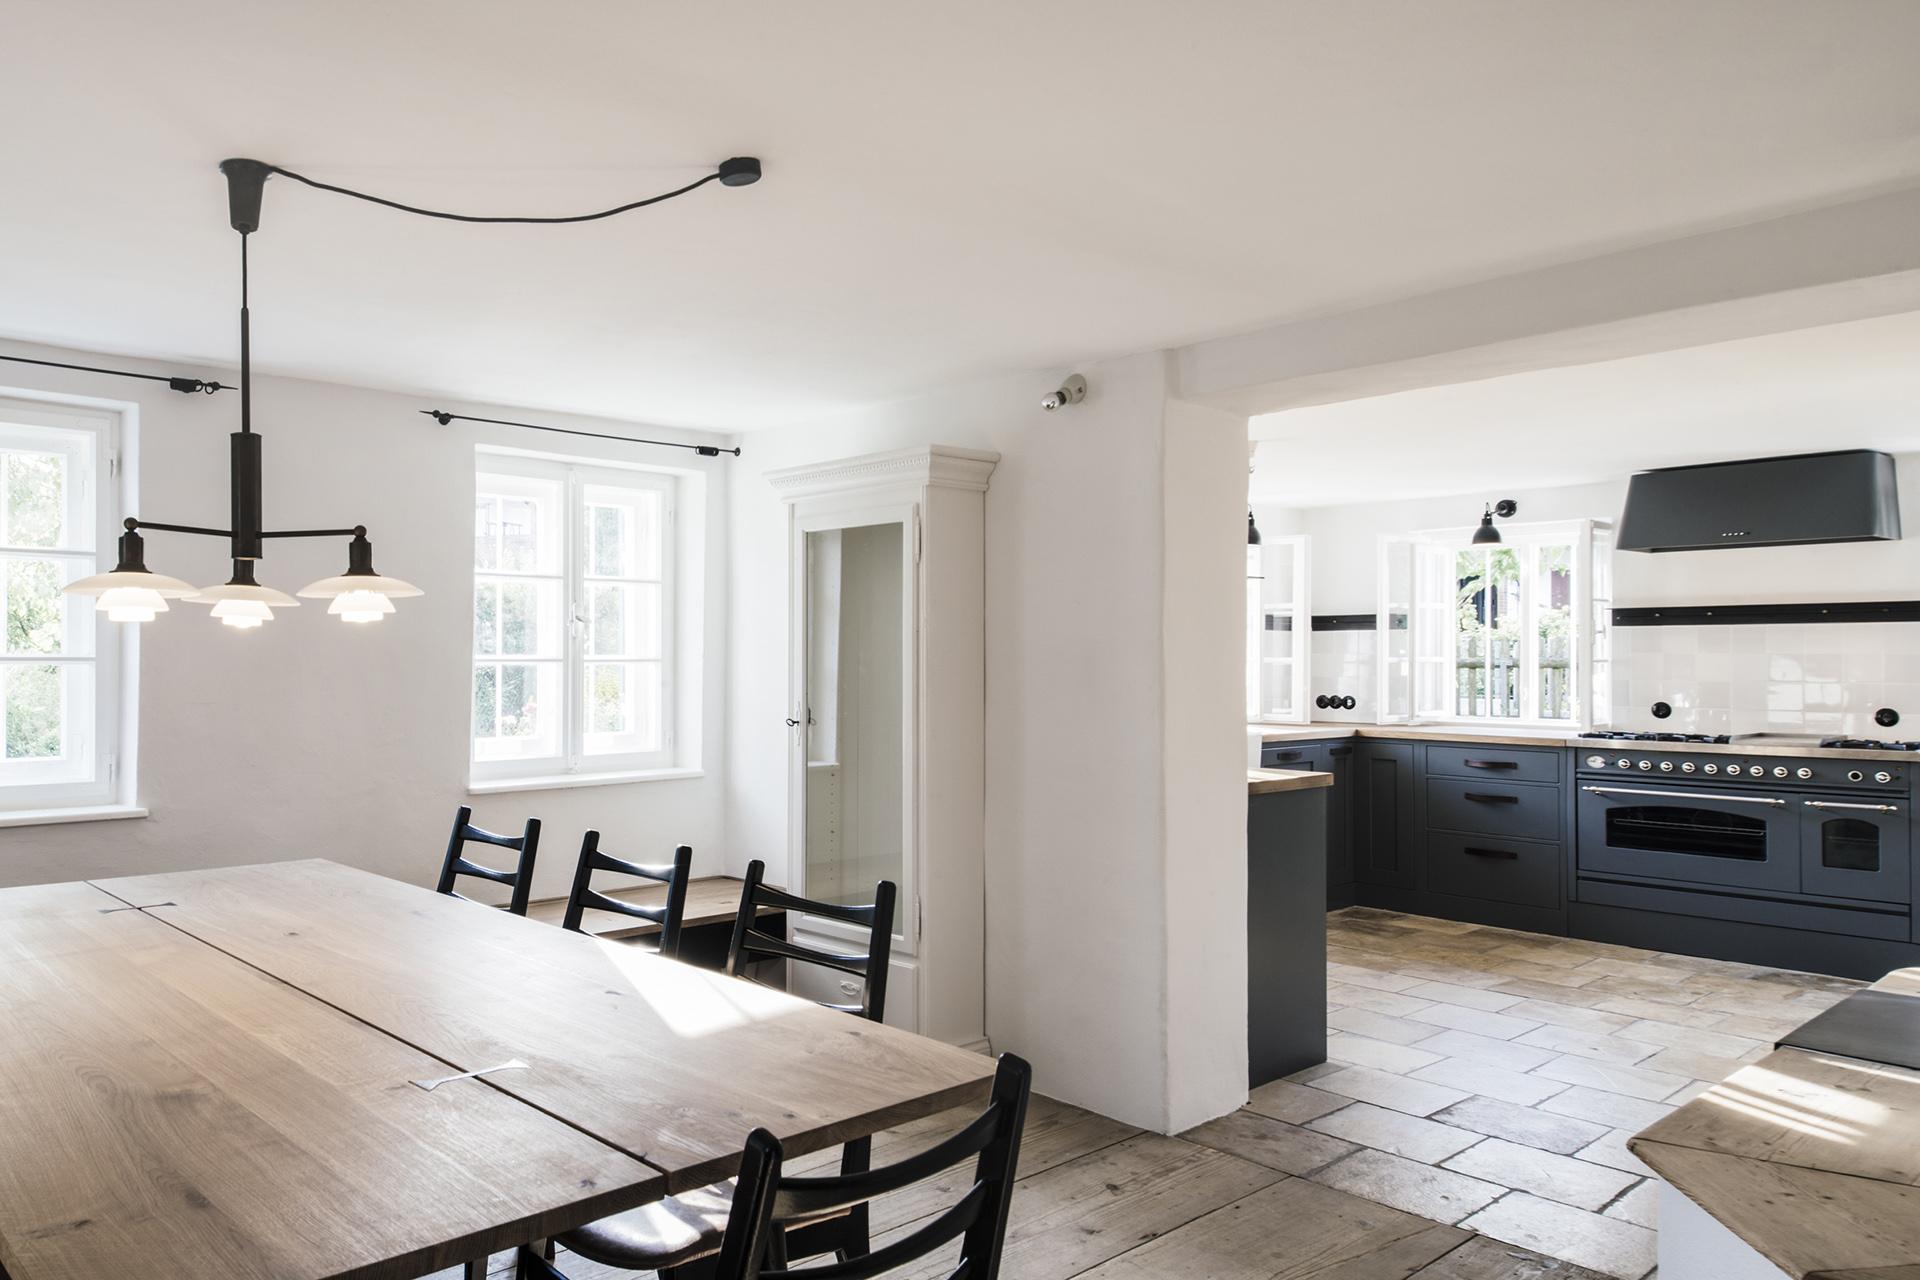 013-interior-design-residential-farmhouse-renovation-buero-philipp-moeller.jpg